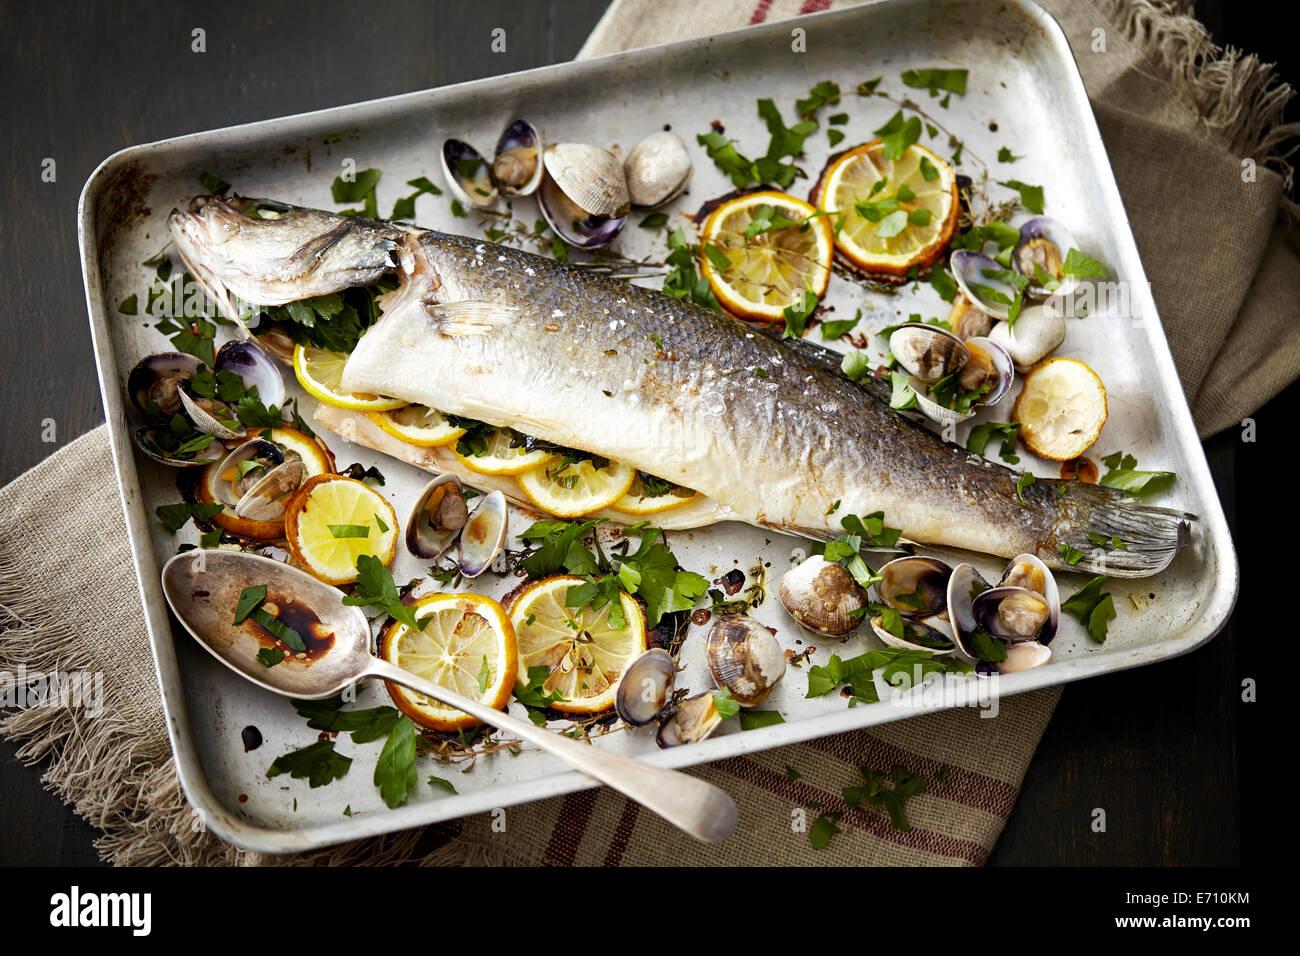 Backblech mit gebackener Fisch mit Zitronen und Kräutern gefüllt Stockbild